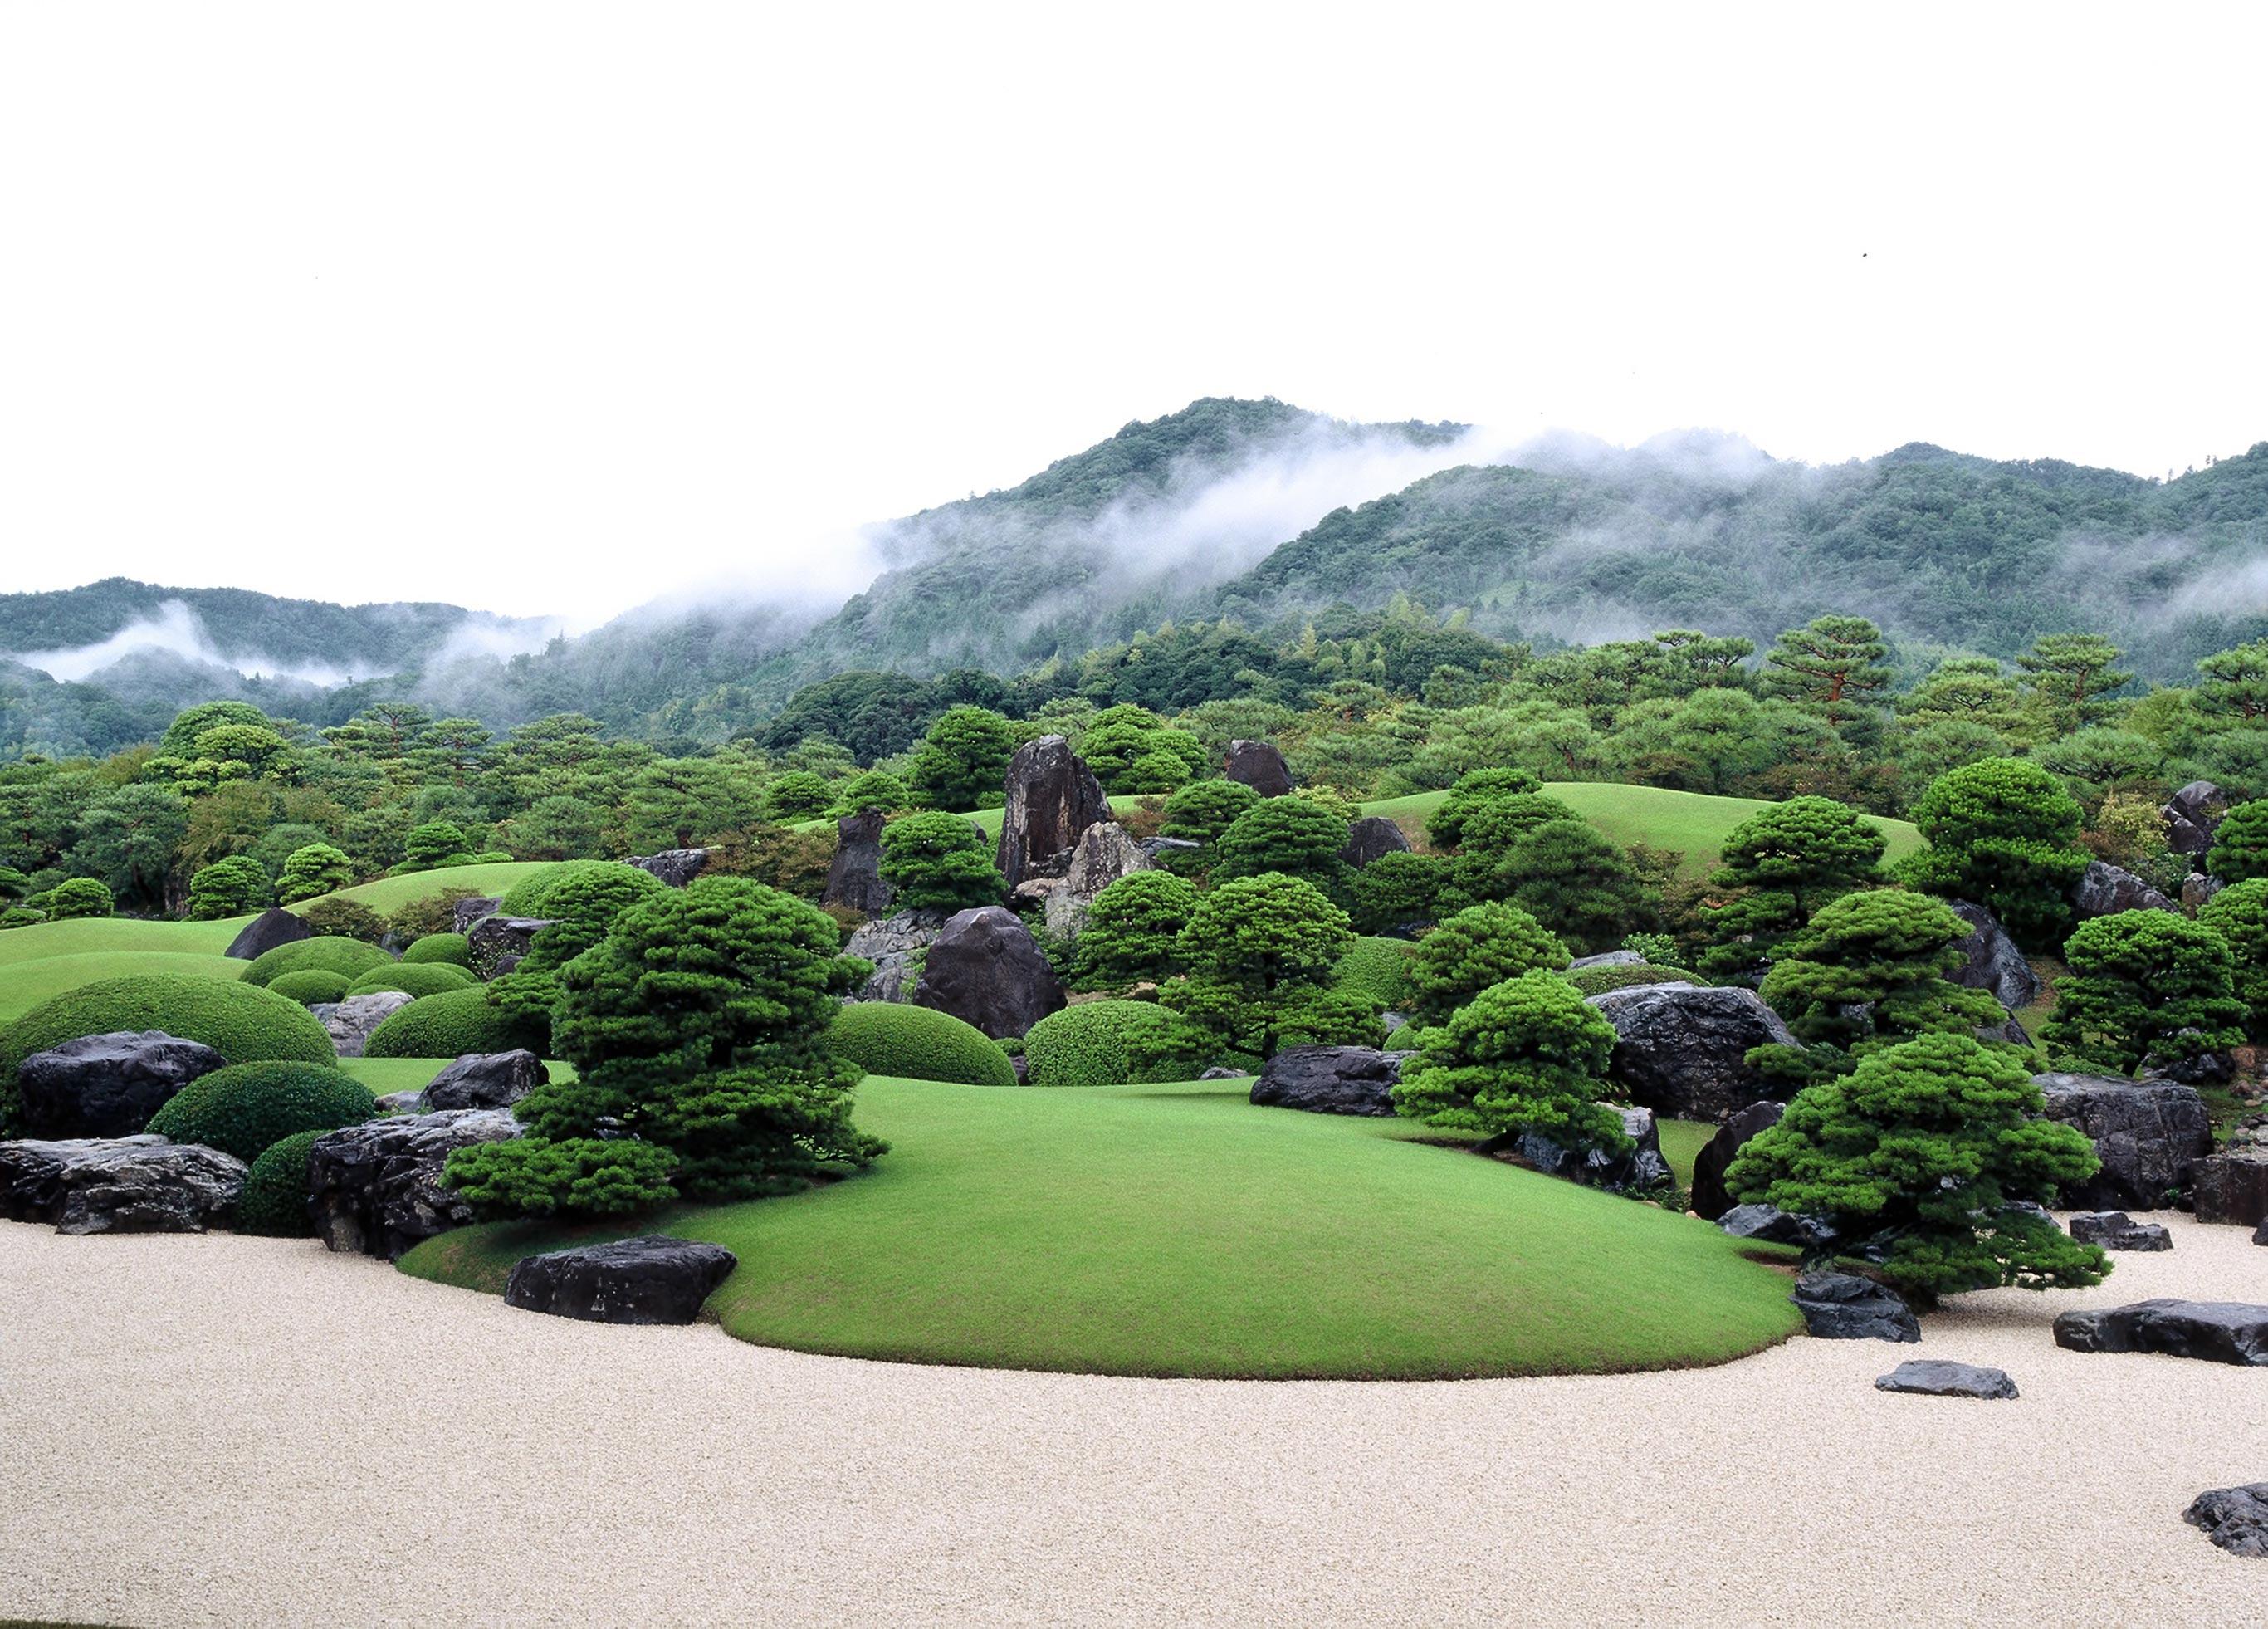 自橫山大觀的作品發想而來的白砂青松庭。另有枯山水庭等總計6個庭園